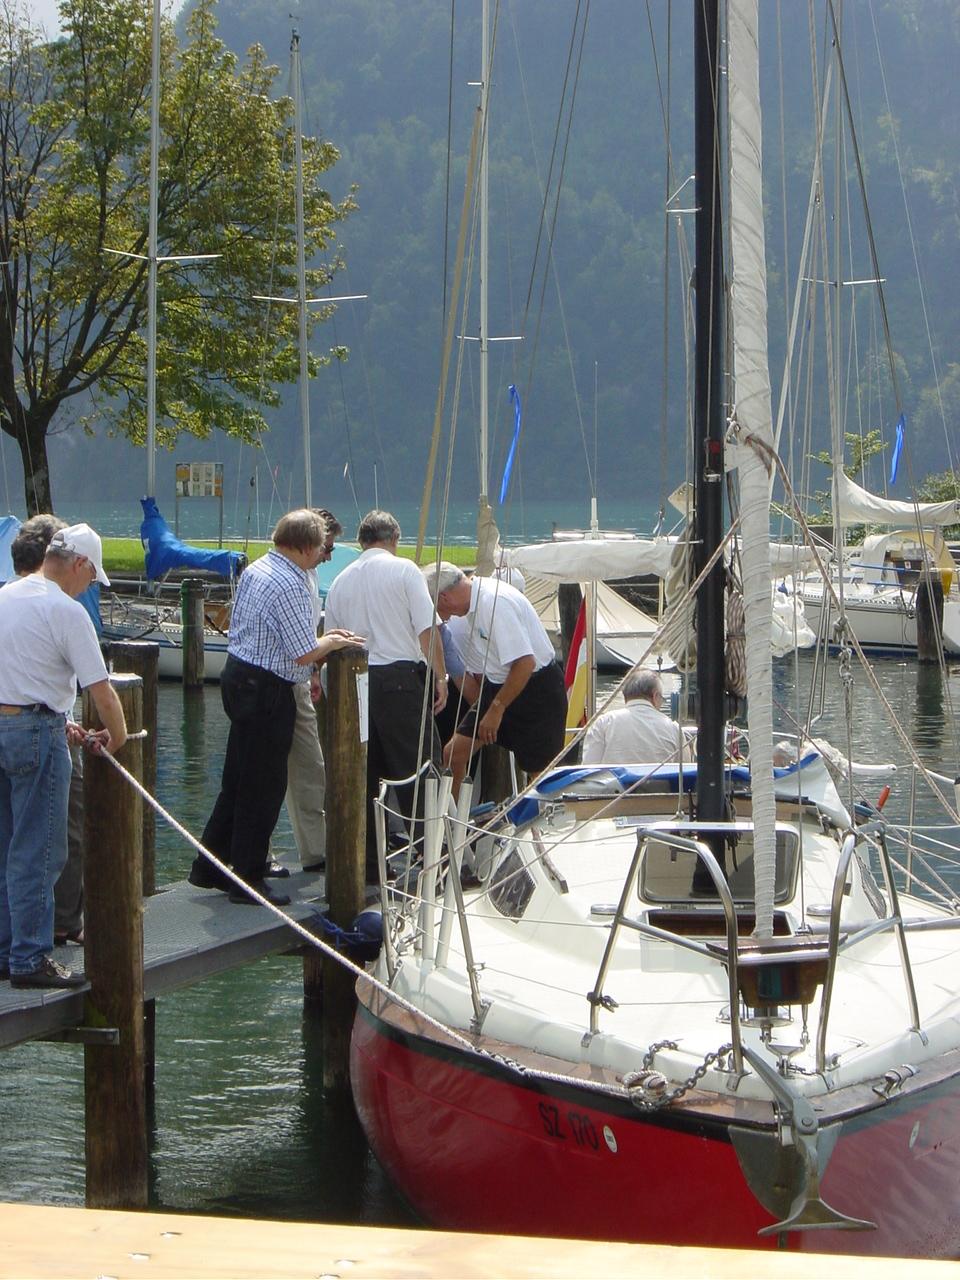 foehnhafen-brunnen-igf-hafentreff-2002-22